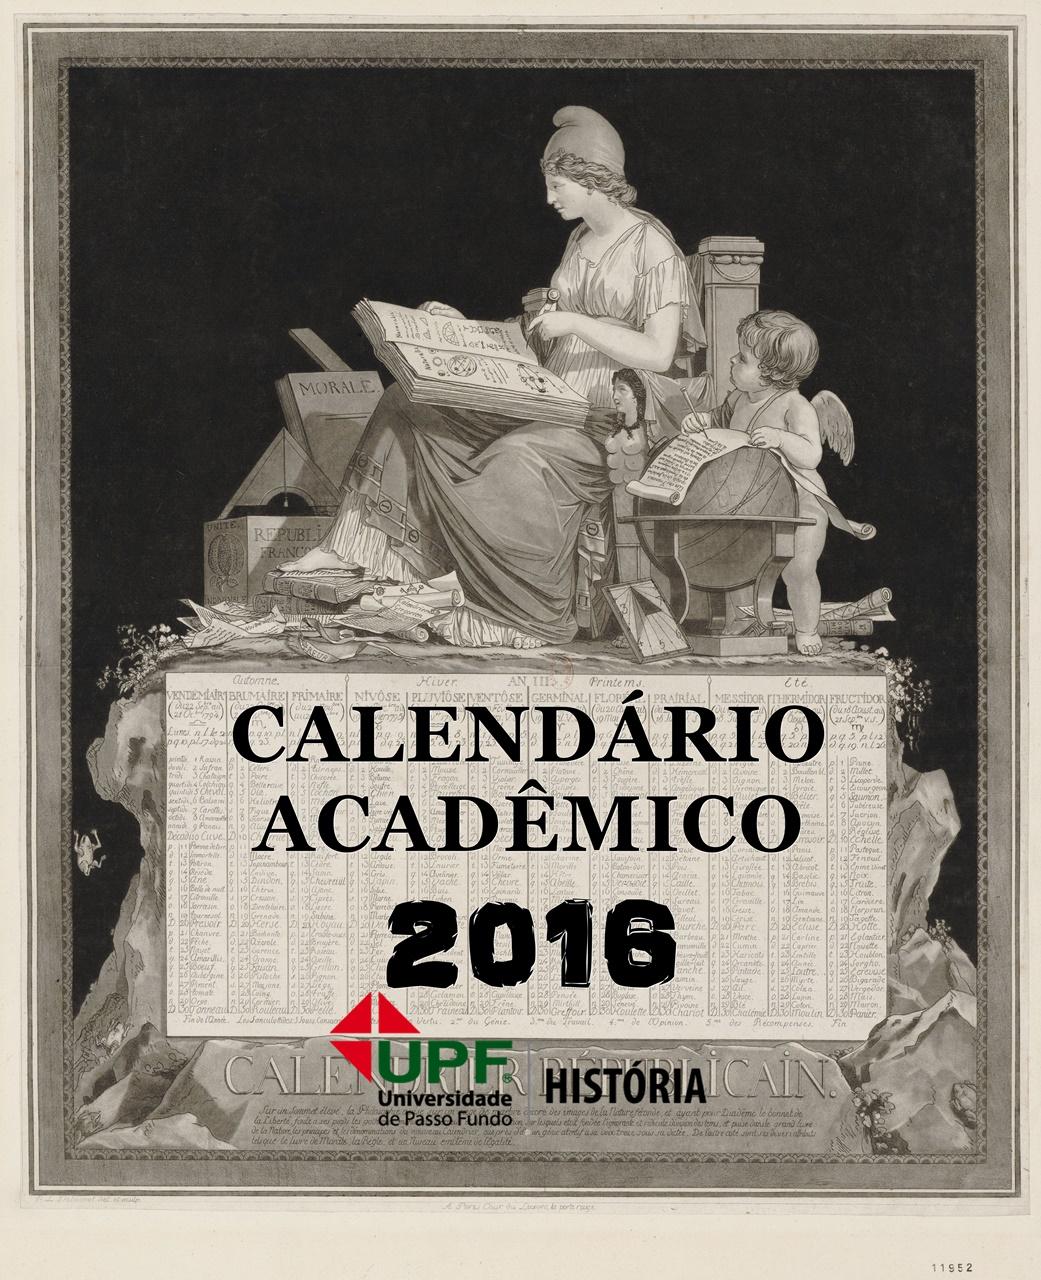 Calendário Acadêmico - HISTÓRIA 2016